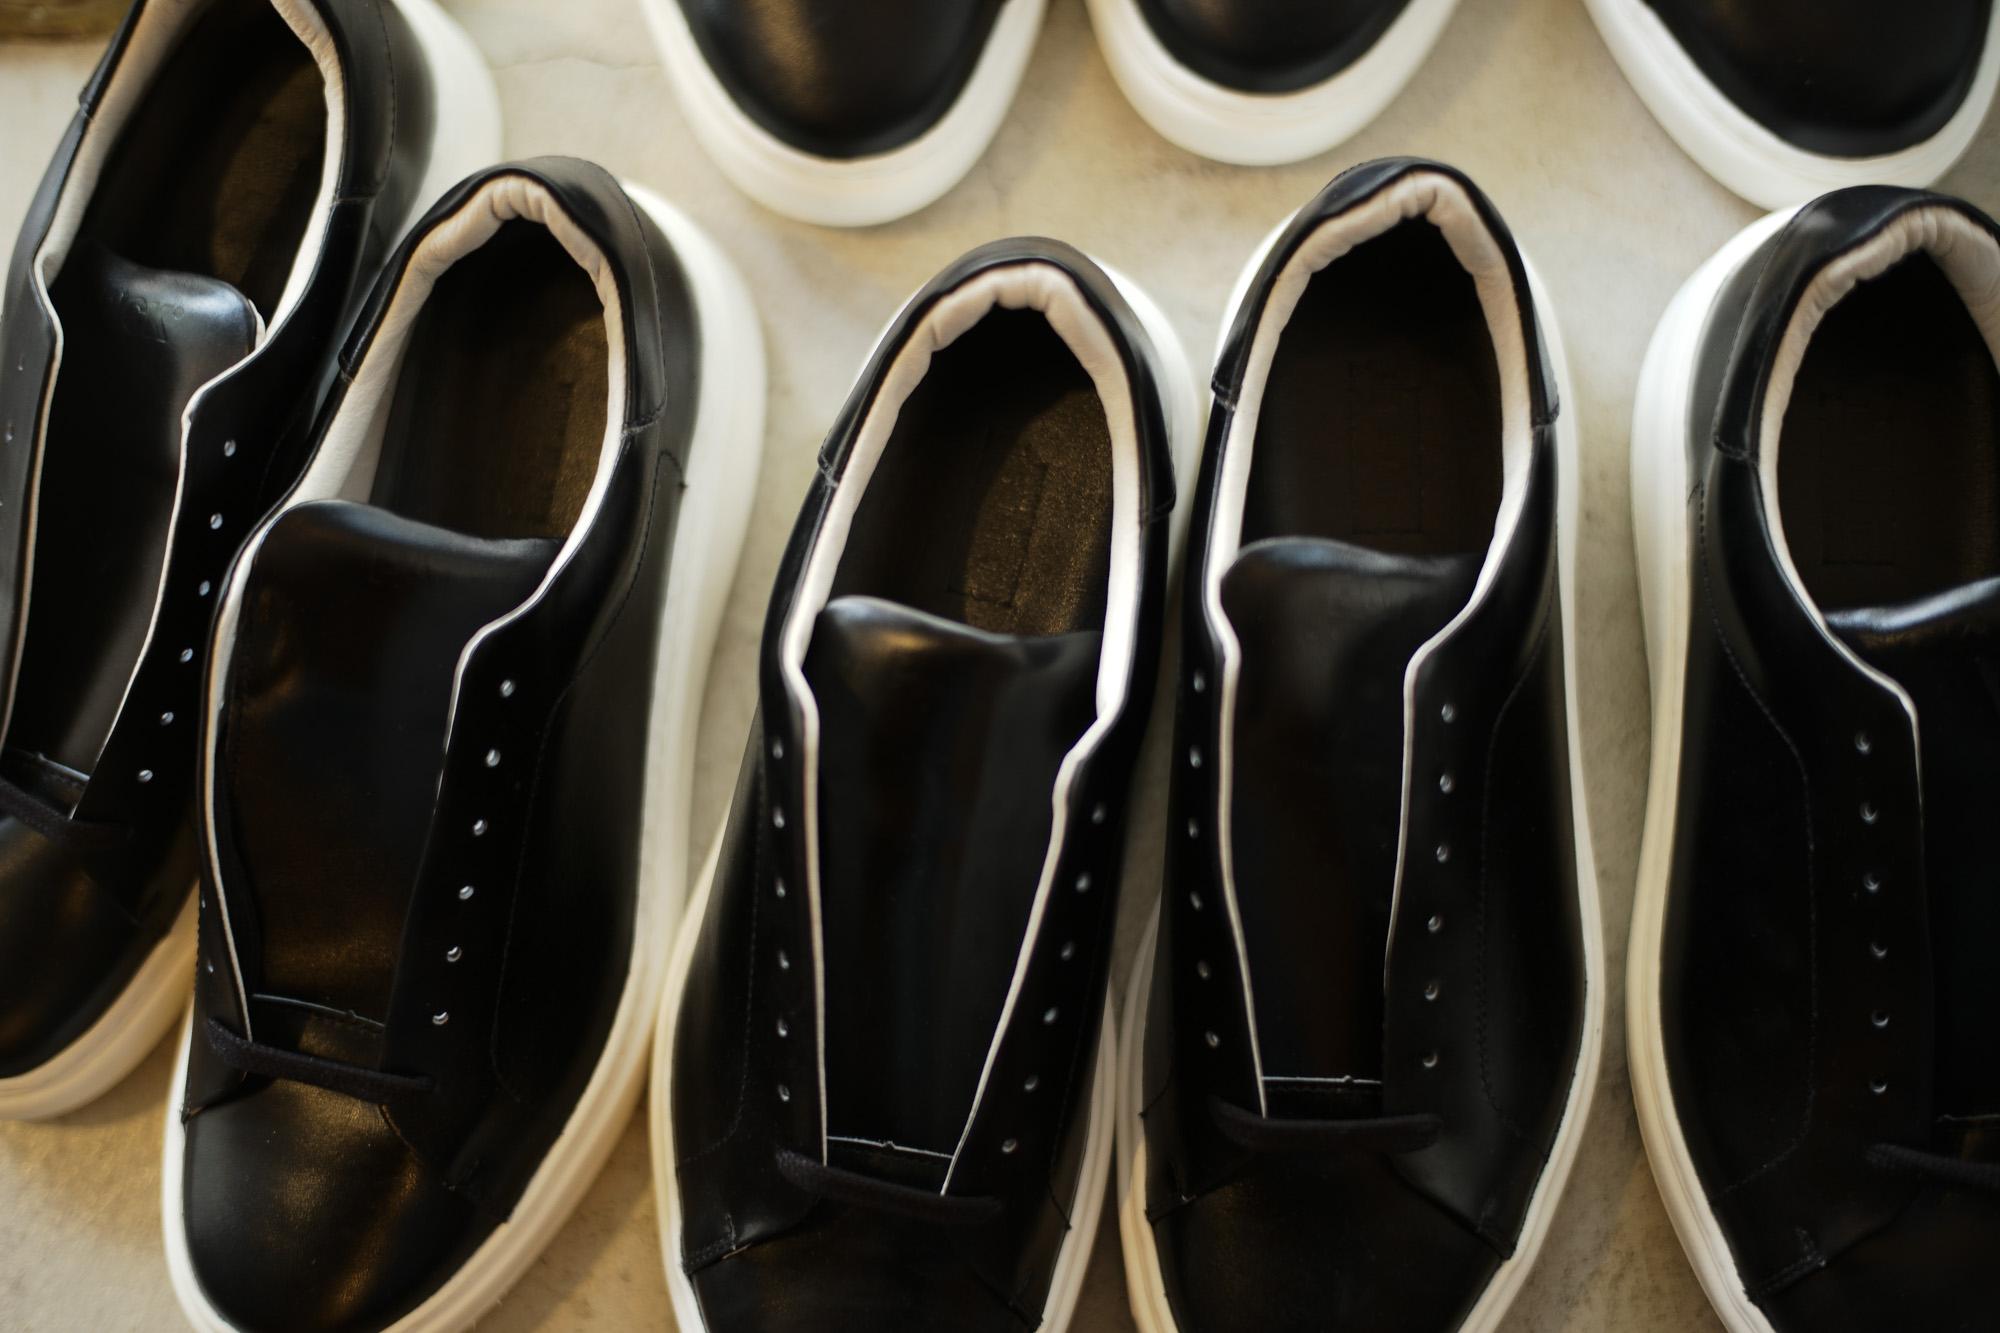 PATRICK(パトリック) CRUISE LINE クルーズライン GENOVA (ジェノバ) Annonay Vocalou Calf Leather (アノネイ社 ボカルーカーフ レザー) ローカット レザー スニーカー BLACK (ブラック・BLK) MADE IN JAPAN(日本製) 2018 春夏新作  【第1便入荷しました】【7月下旬入荷分ご予約受付中】【8月下旬入荷分ご予約受付中】 patrick パトリック cruiseline クルーズライン 愛知 名古屋 ZODIAC ゾディアック 干場義雅 坪内浩